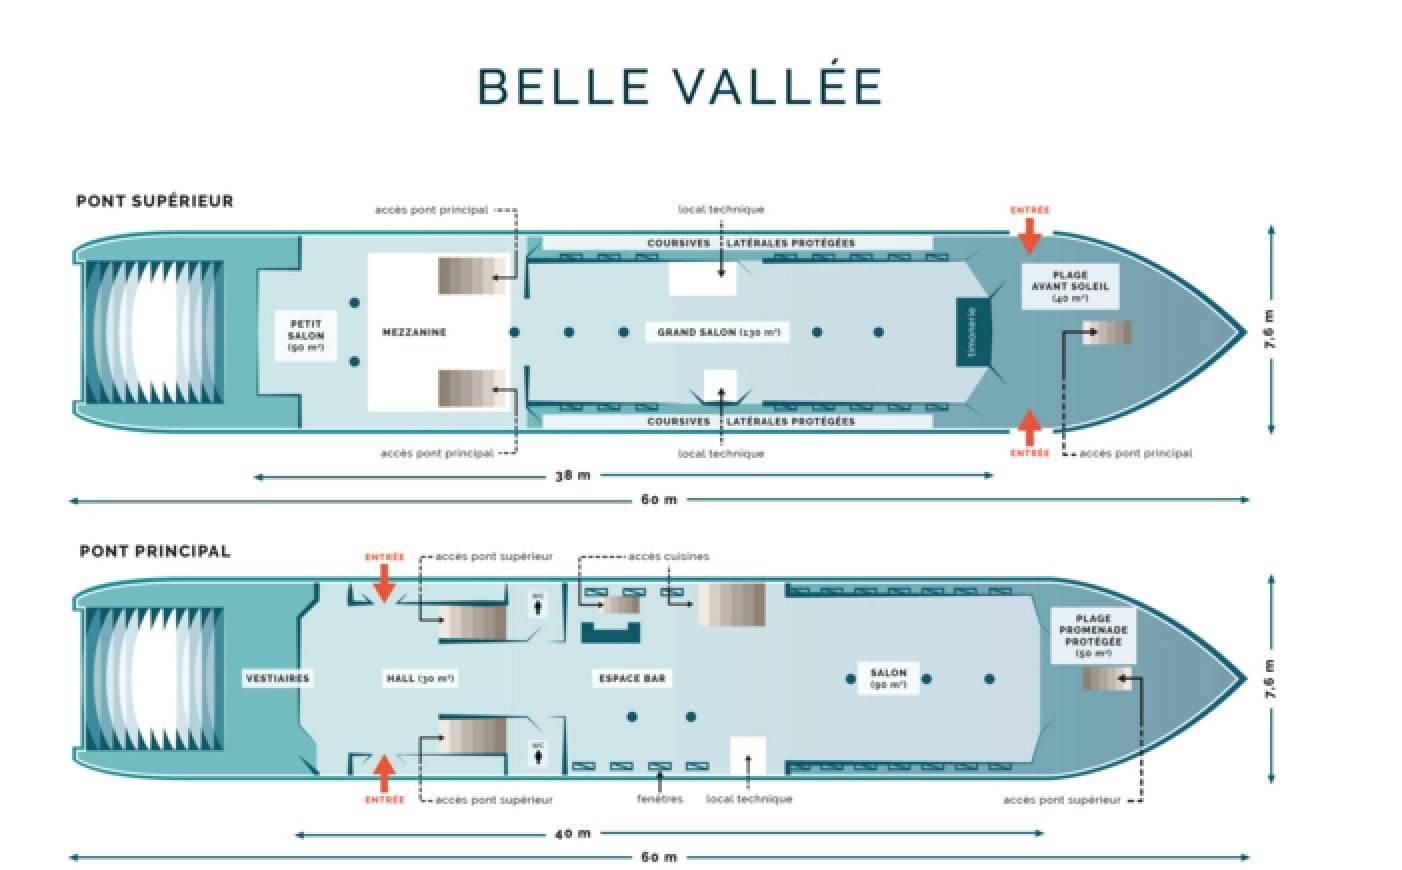 plan-de-salle-belle-vallee.jpg